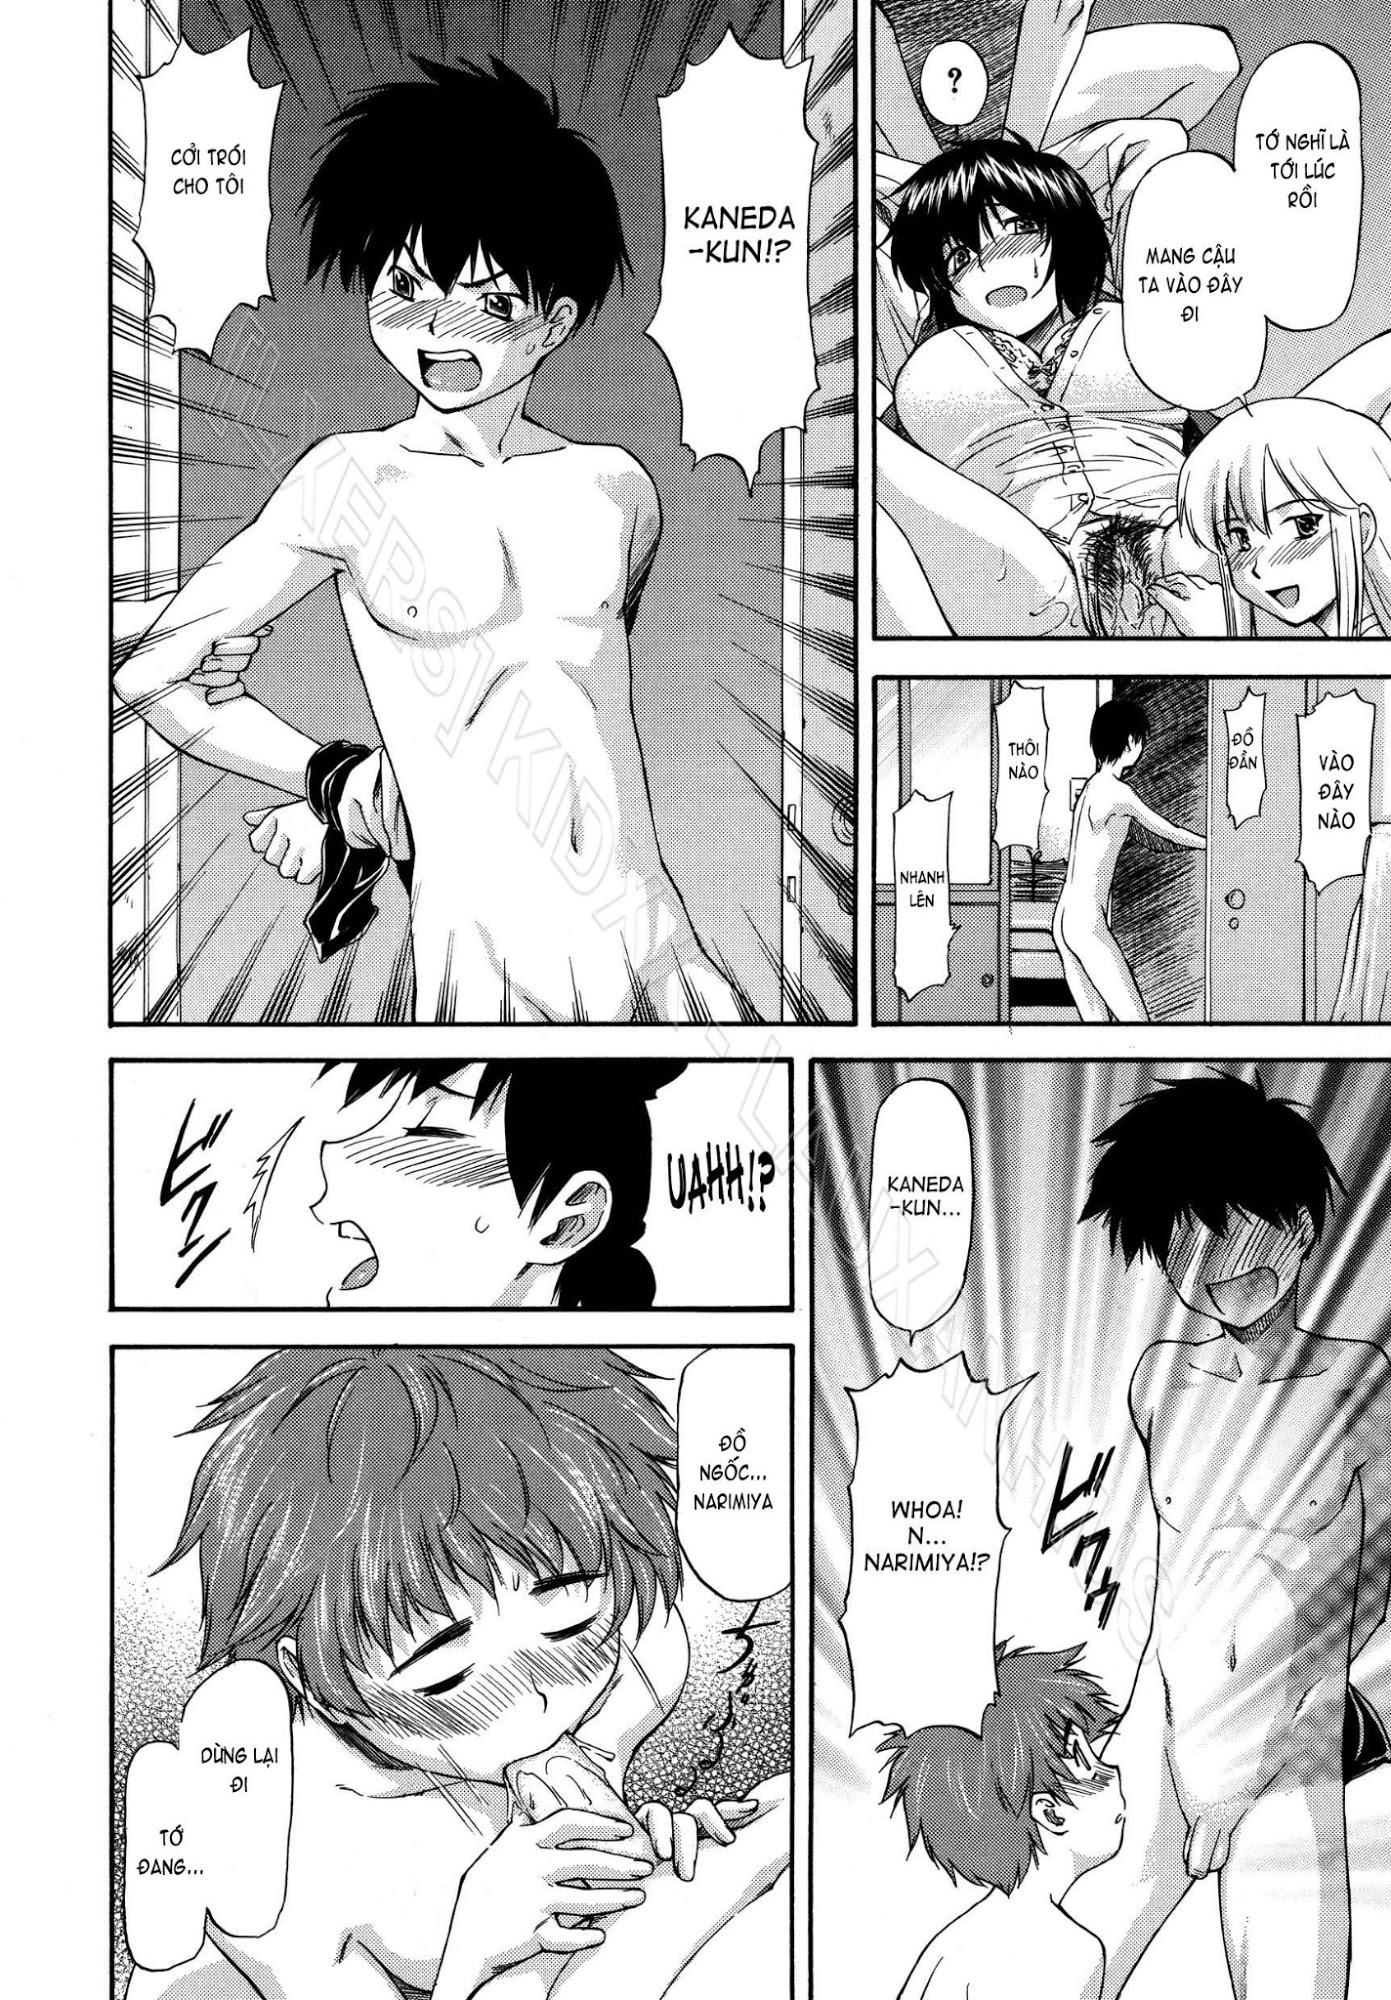 Hình ảnh Hinh_008 trong bài viết Truyện tranh hentai không che: Parabellum